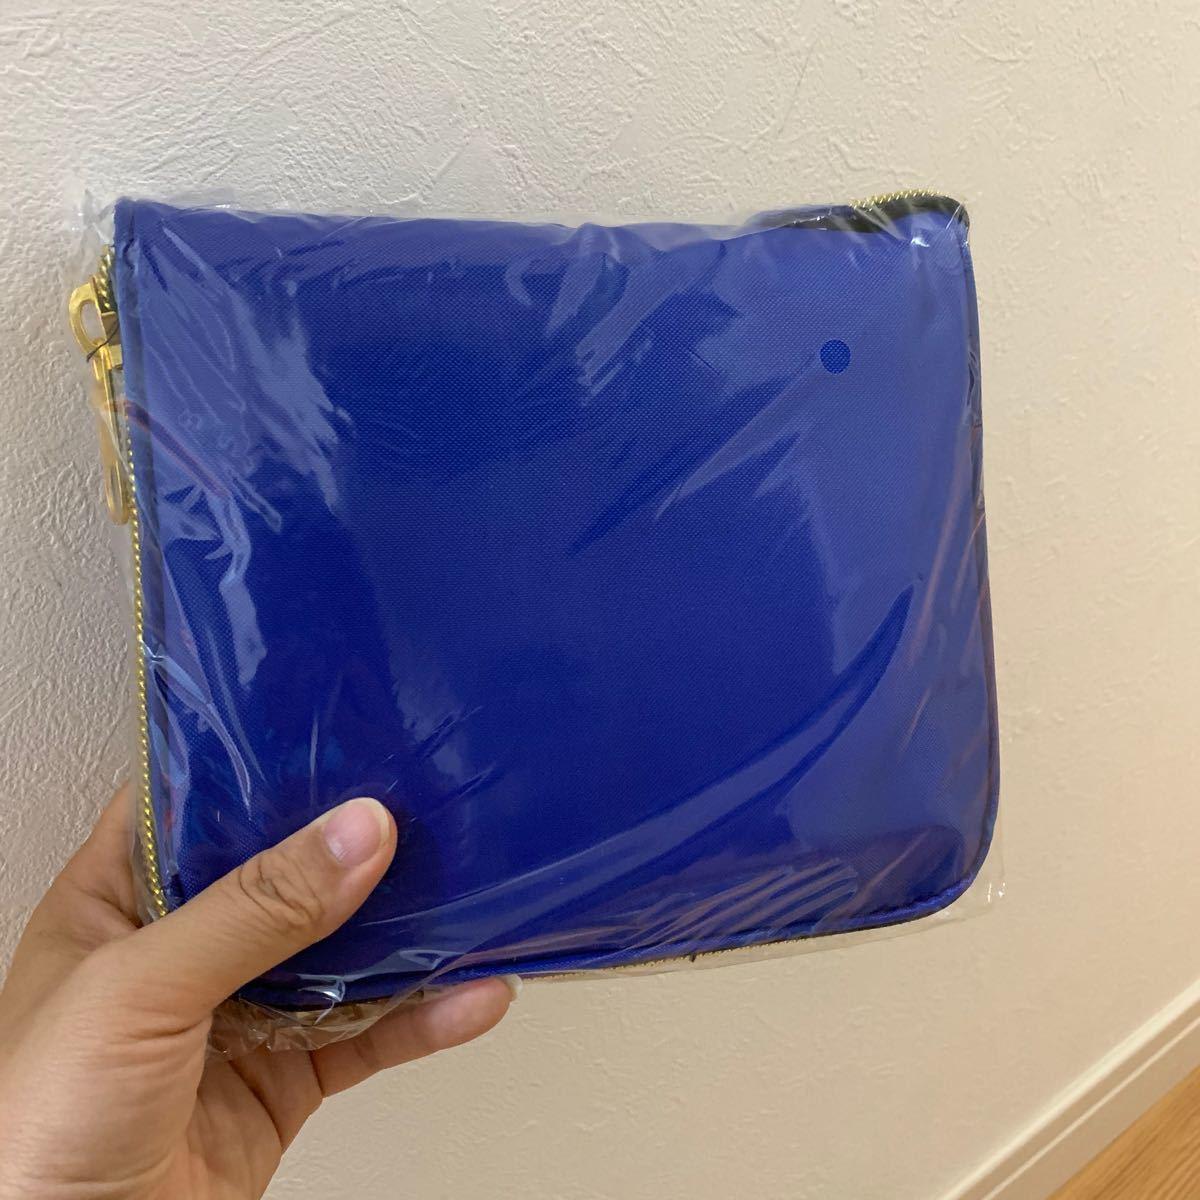 【新品】レジカゴバッグ 保冷保温折りたたみ エコバッグ 大容量マイバッグ ブルー